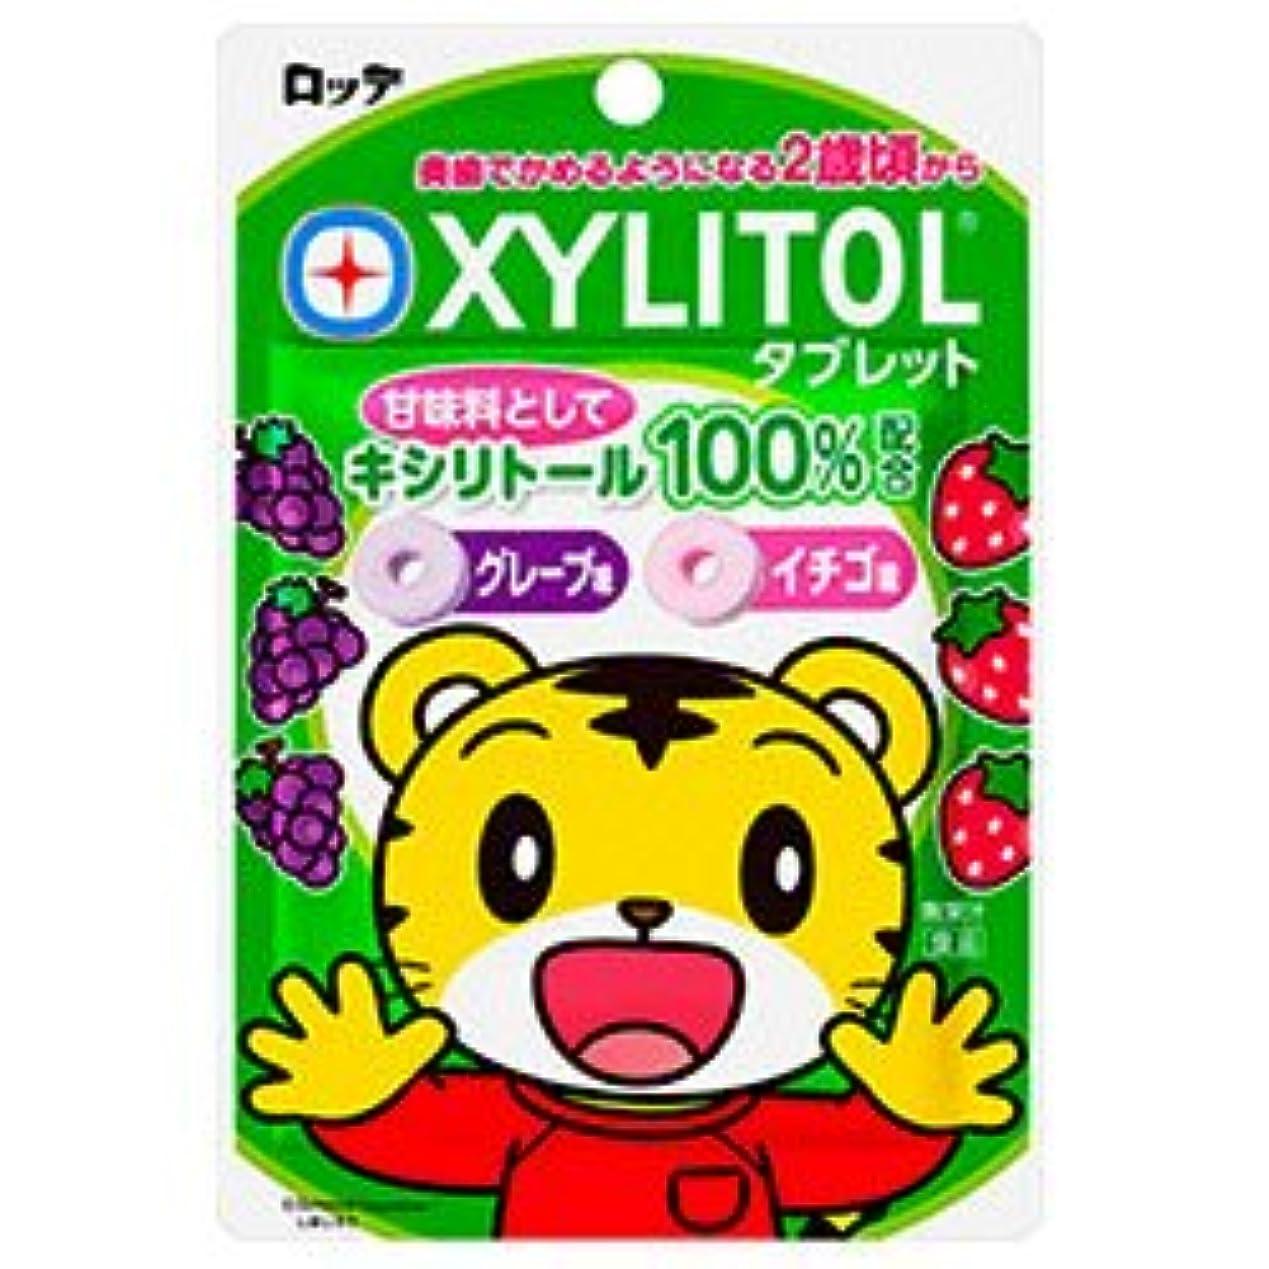 予約マークダウン全くロッテ キシリトールタブレット 30g×10袋入×(2ケース)